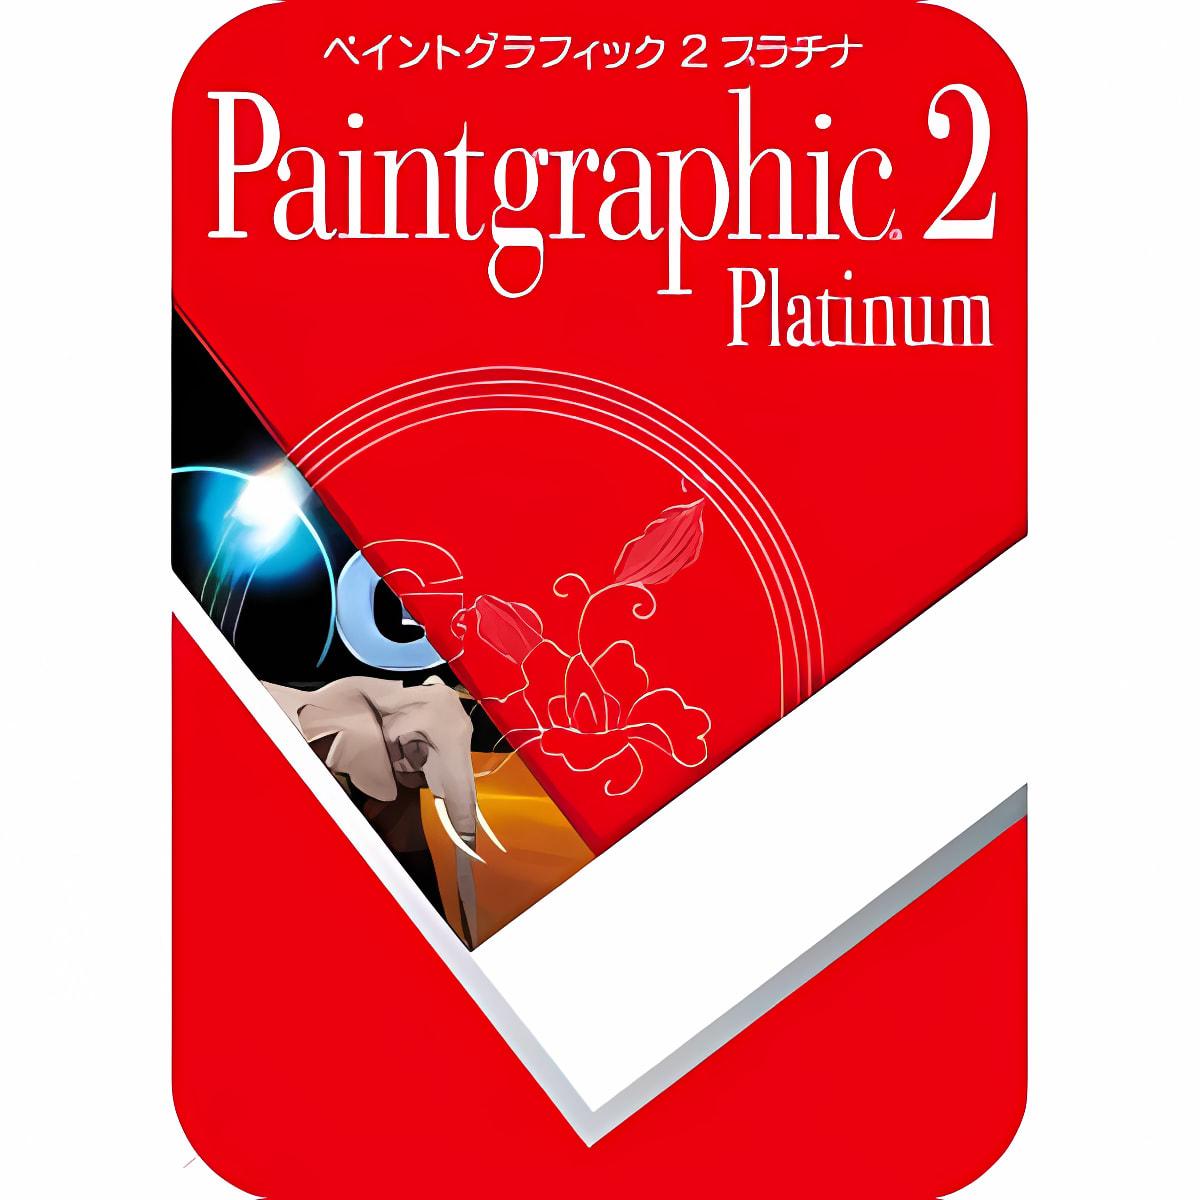 Paintgraphic®